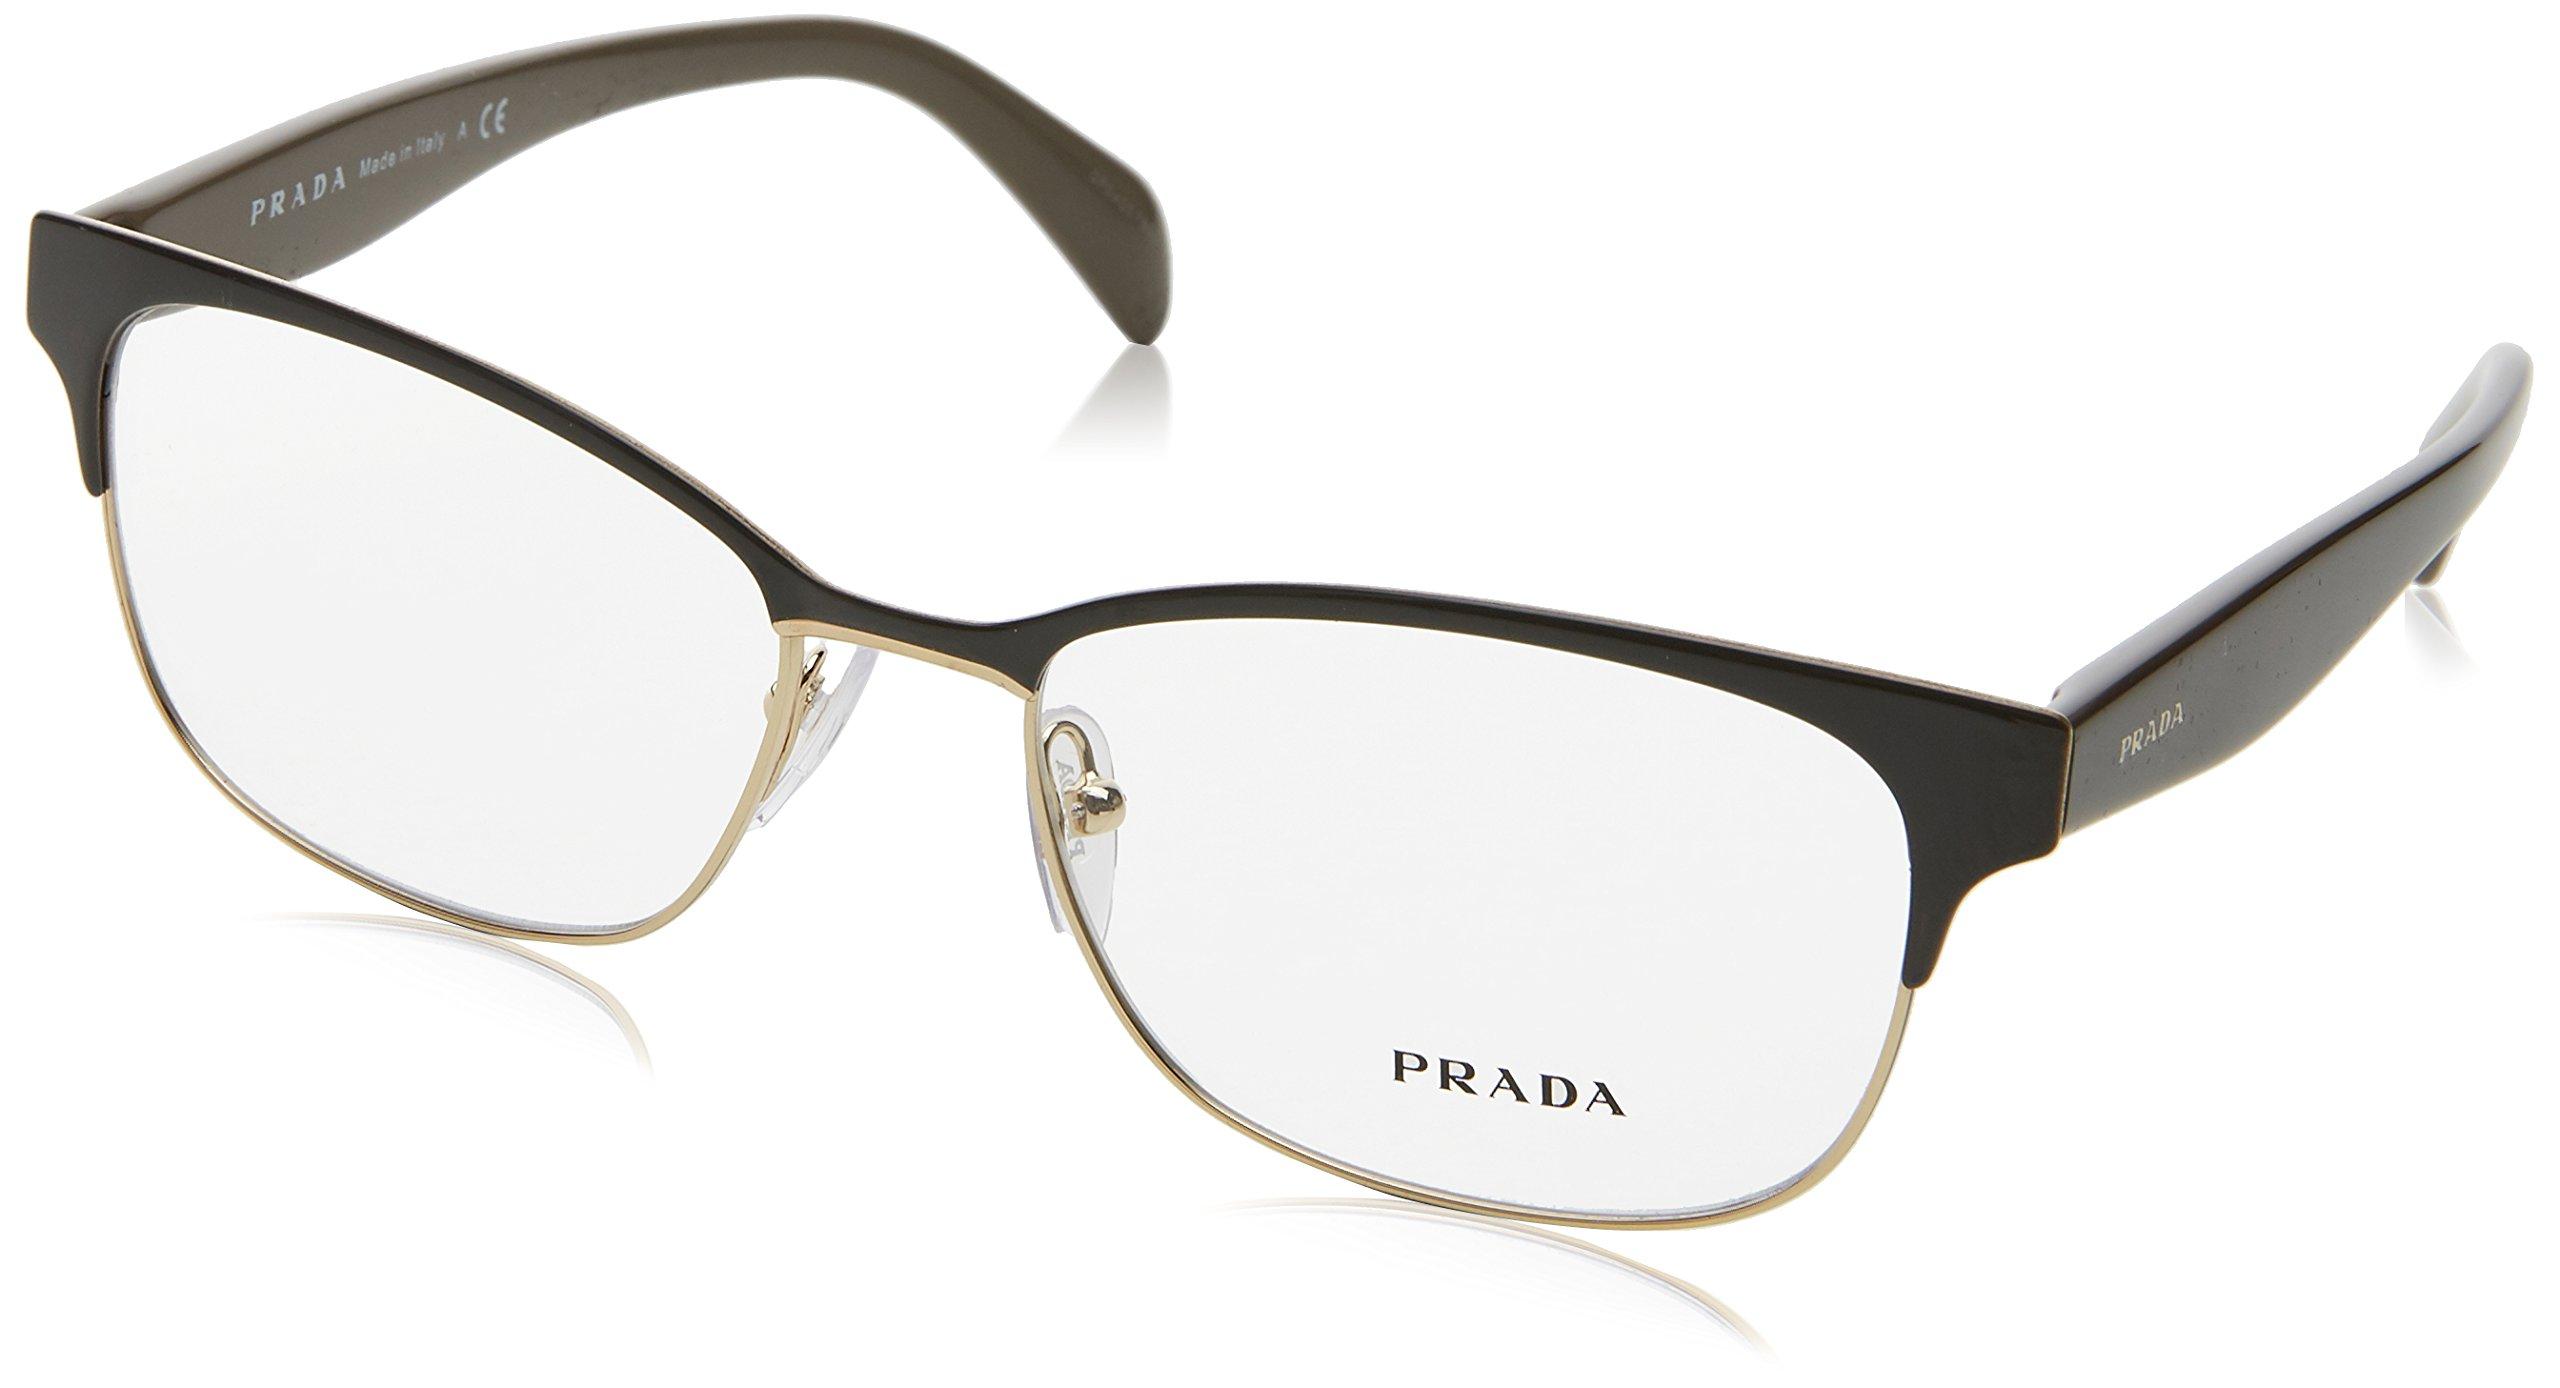 Prada Eyeglasses PR65RV DHO1O1 Brown On Pale Gold 53 16 140